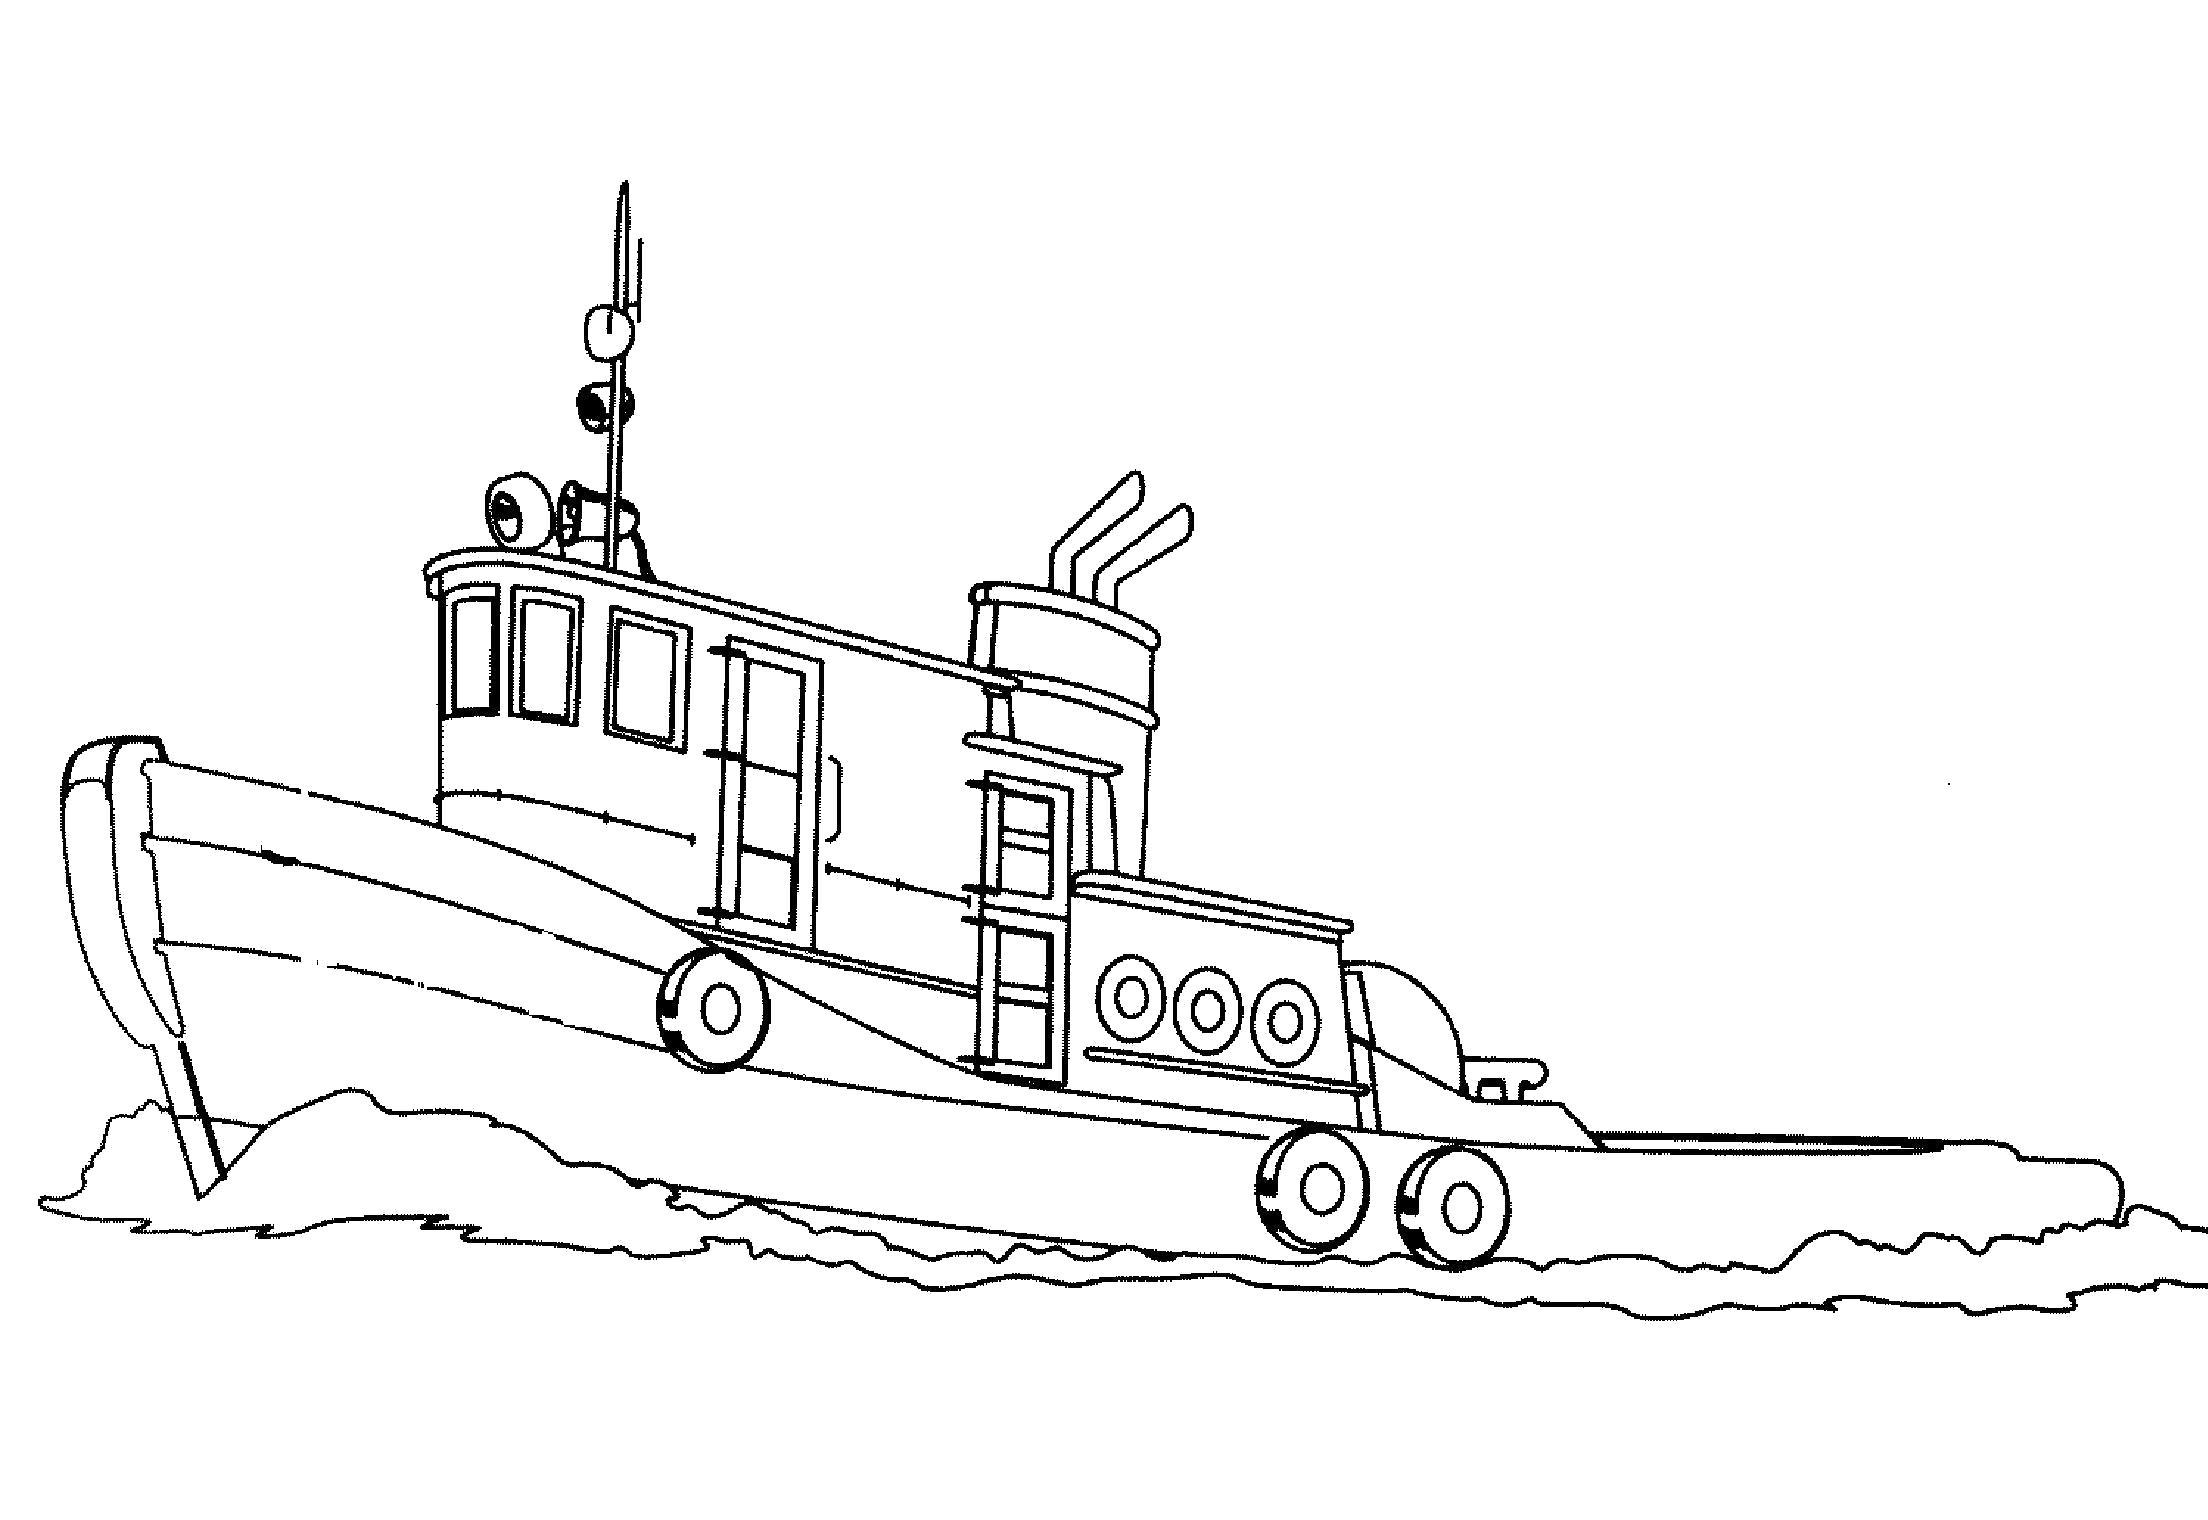 Раскраска  корабли. Скачать корабль.  Распечатать корабль